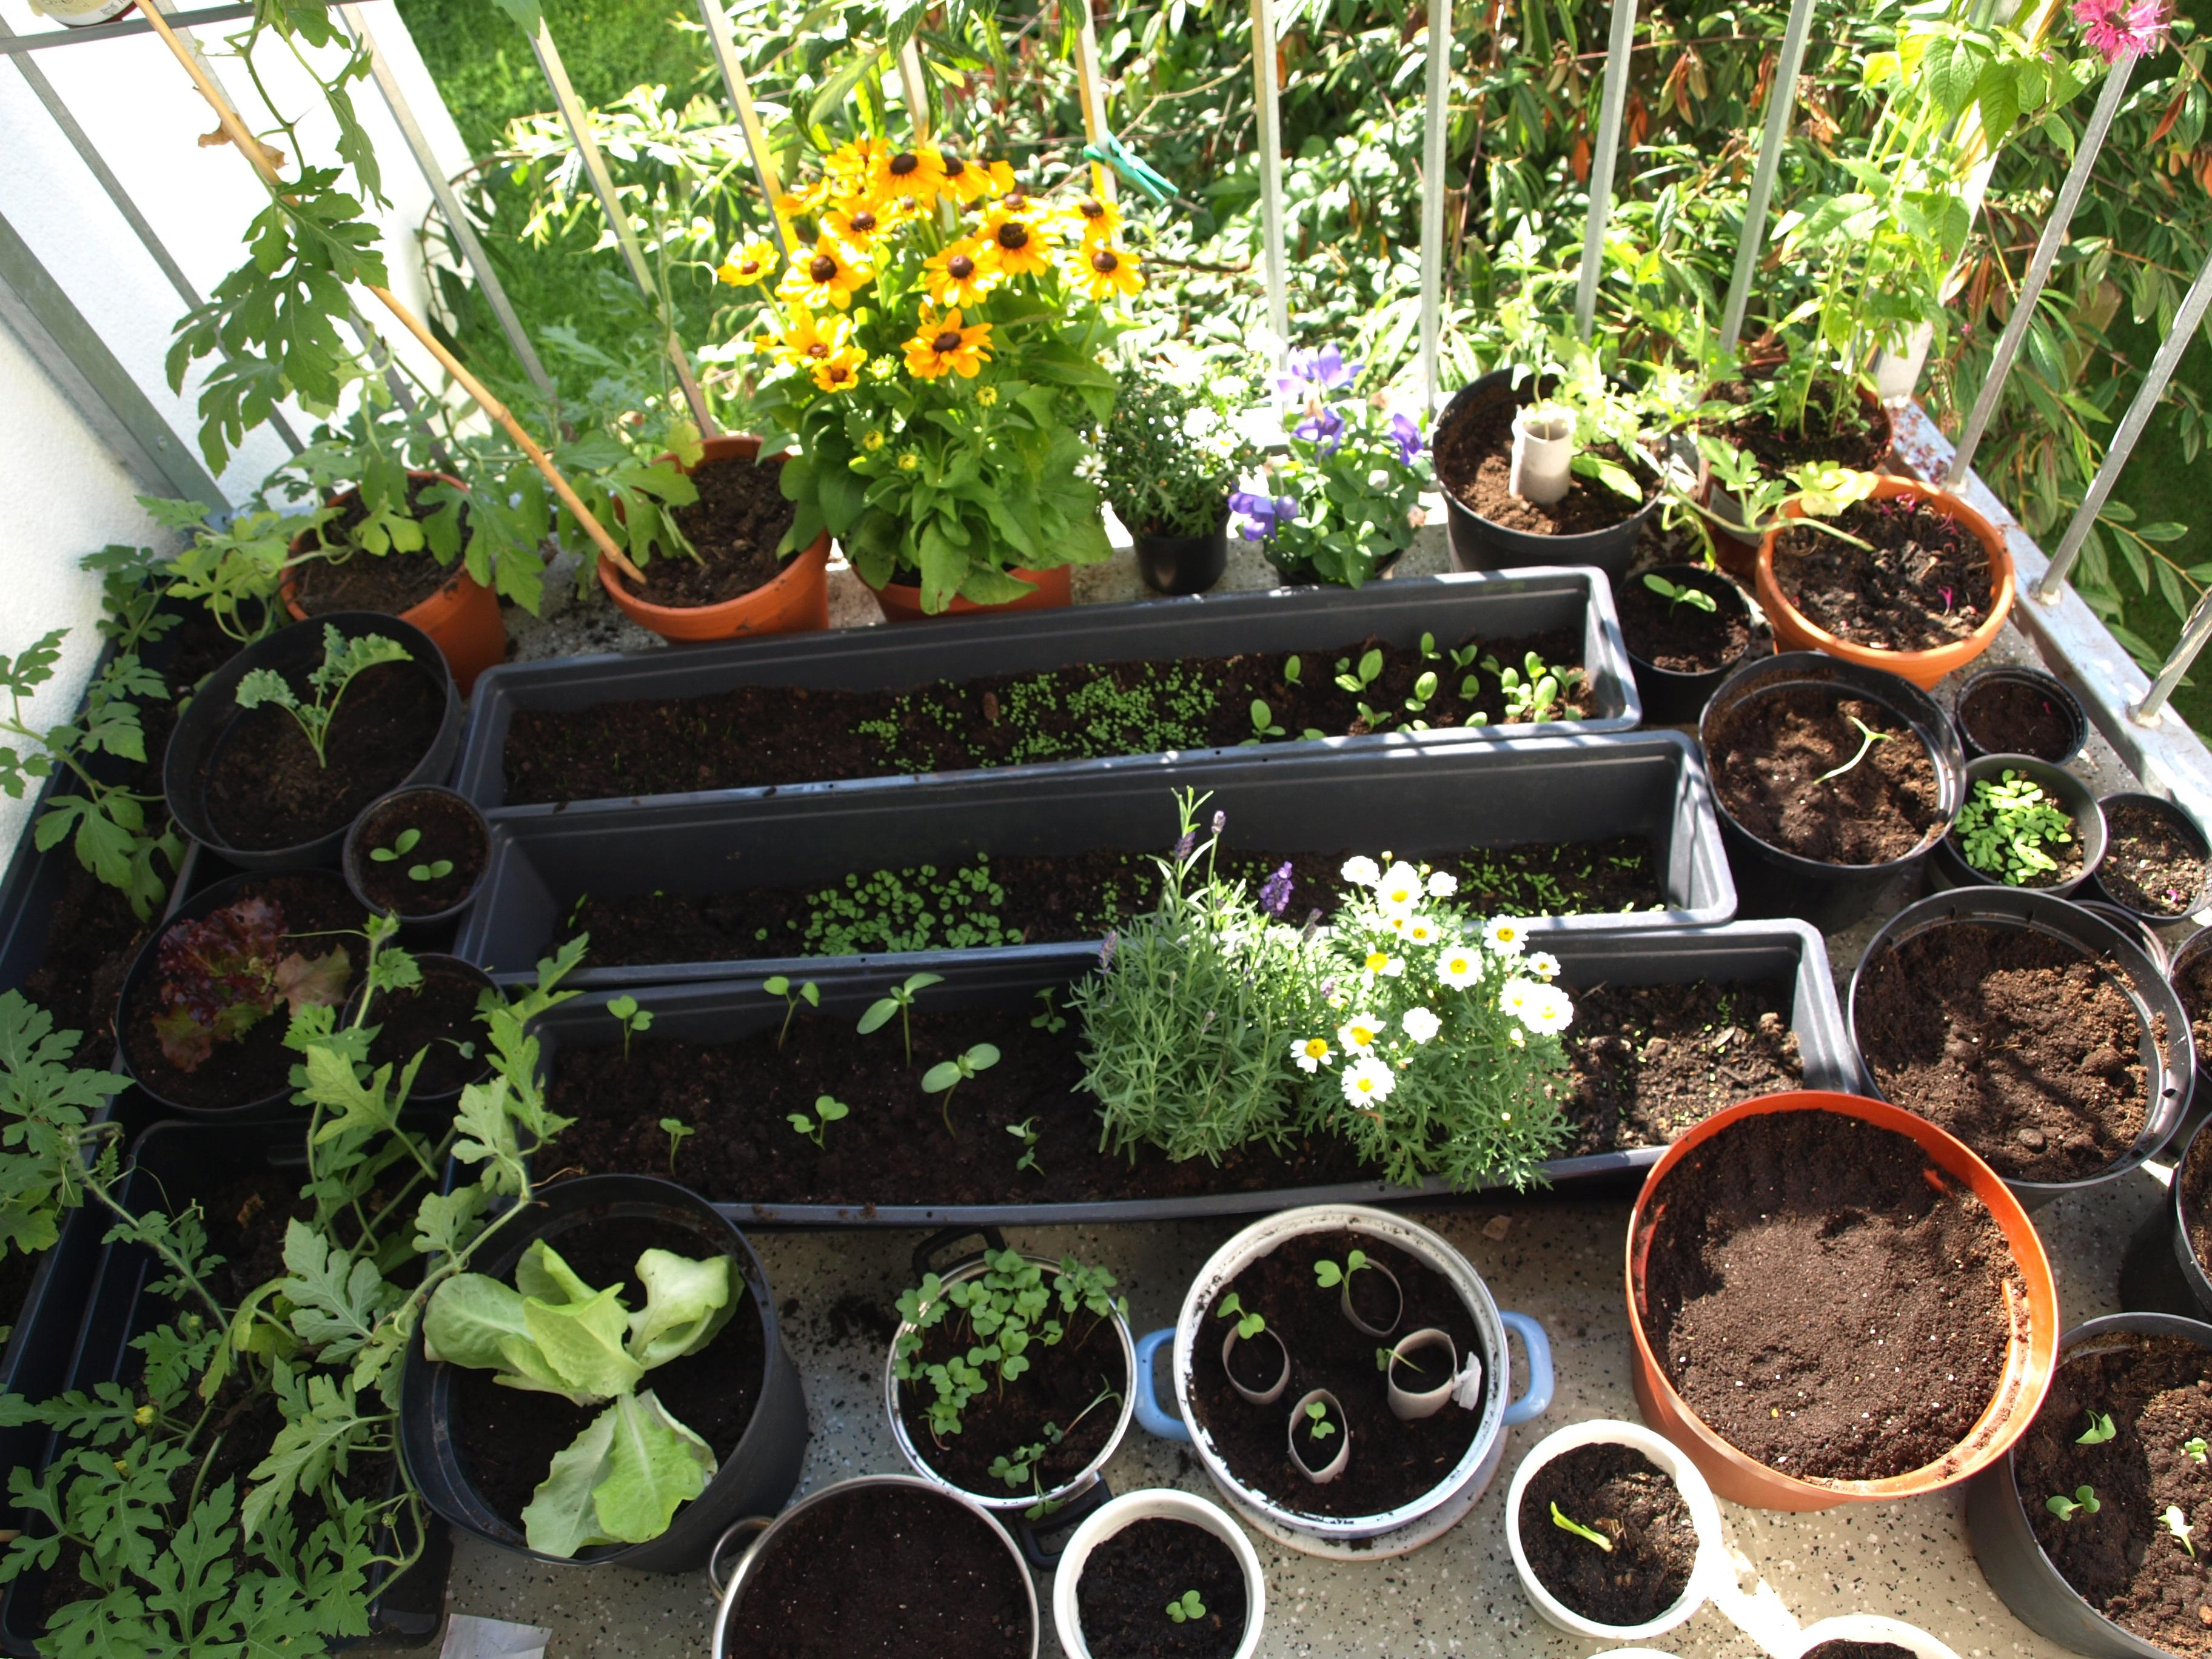 Salat auf dem balkon sarah marias blog - Krautergarten auf dem balkon ...